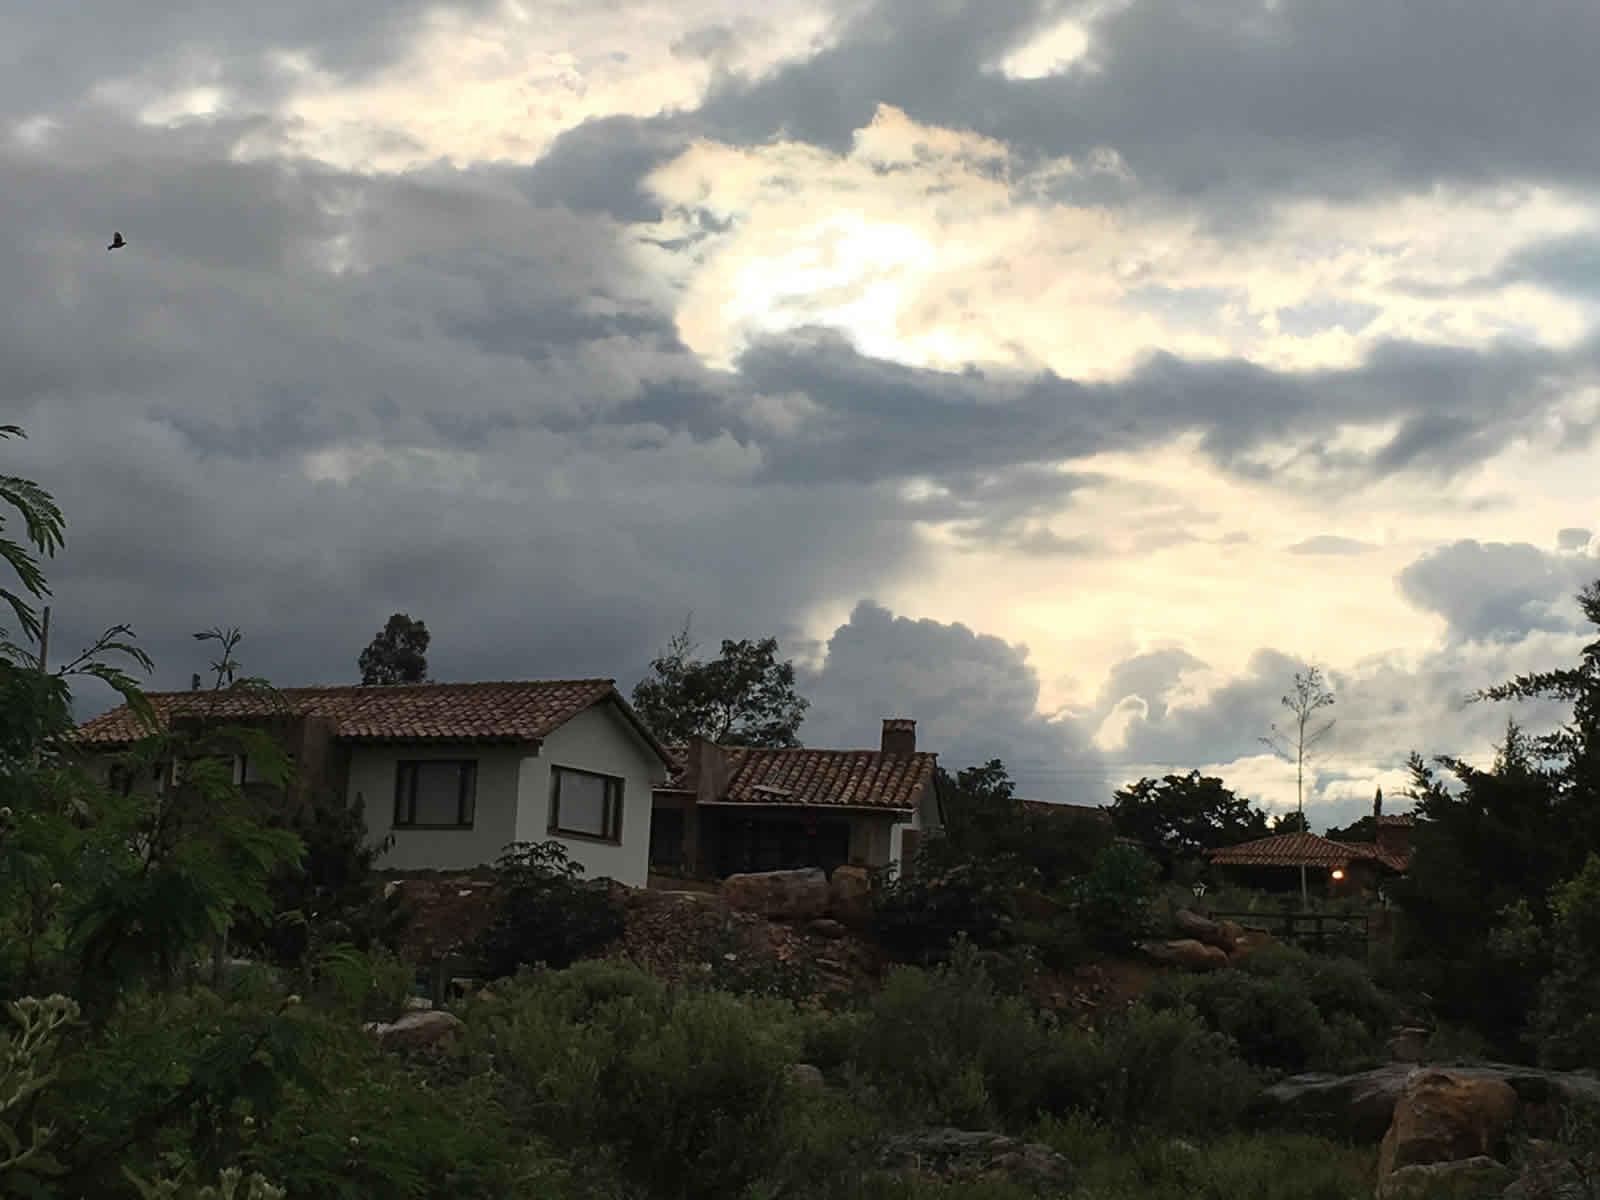 Alquiler casa El Silencio en Villa de Leyva - fachada